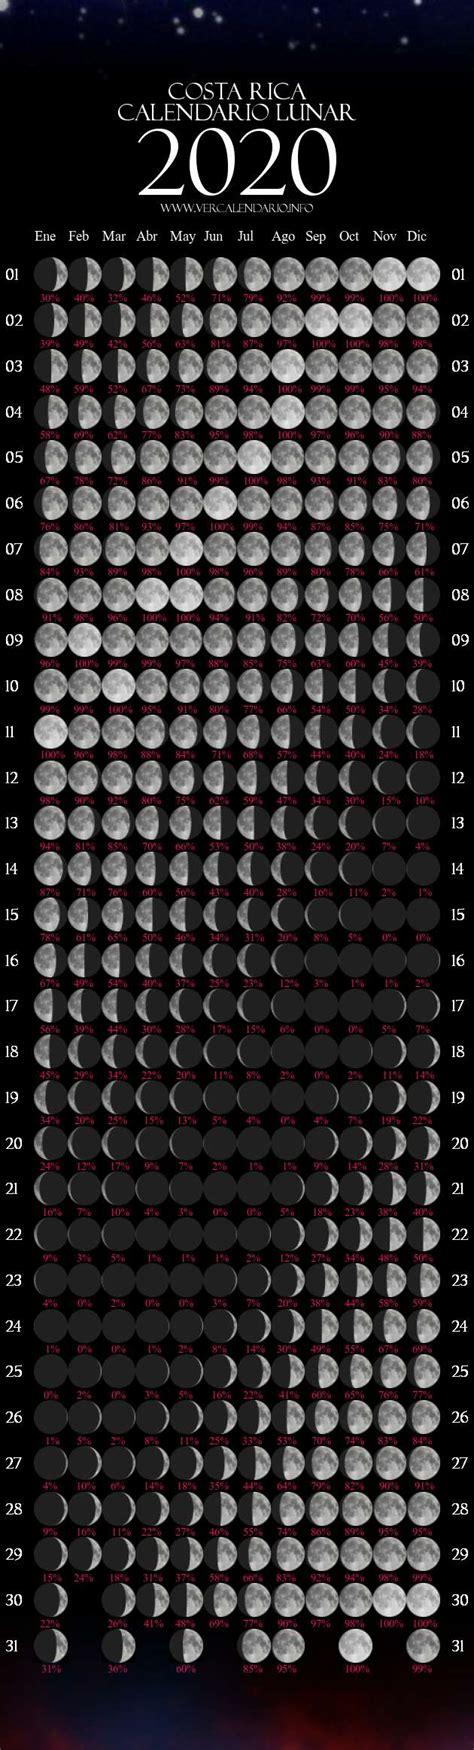 calendario lunar  costa rica